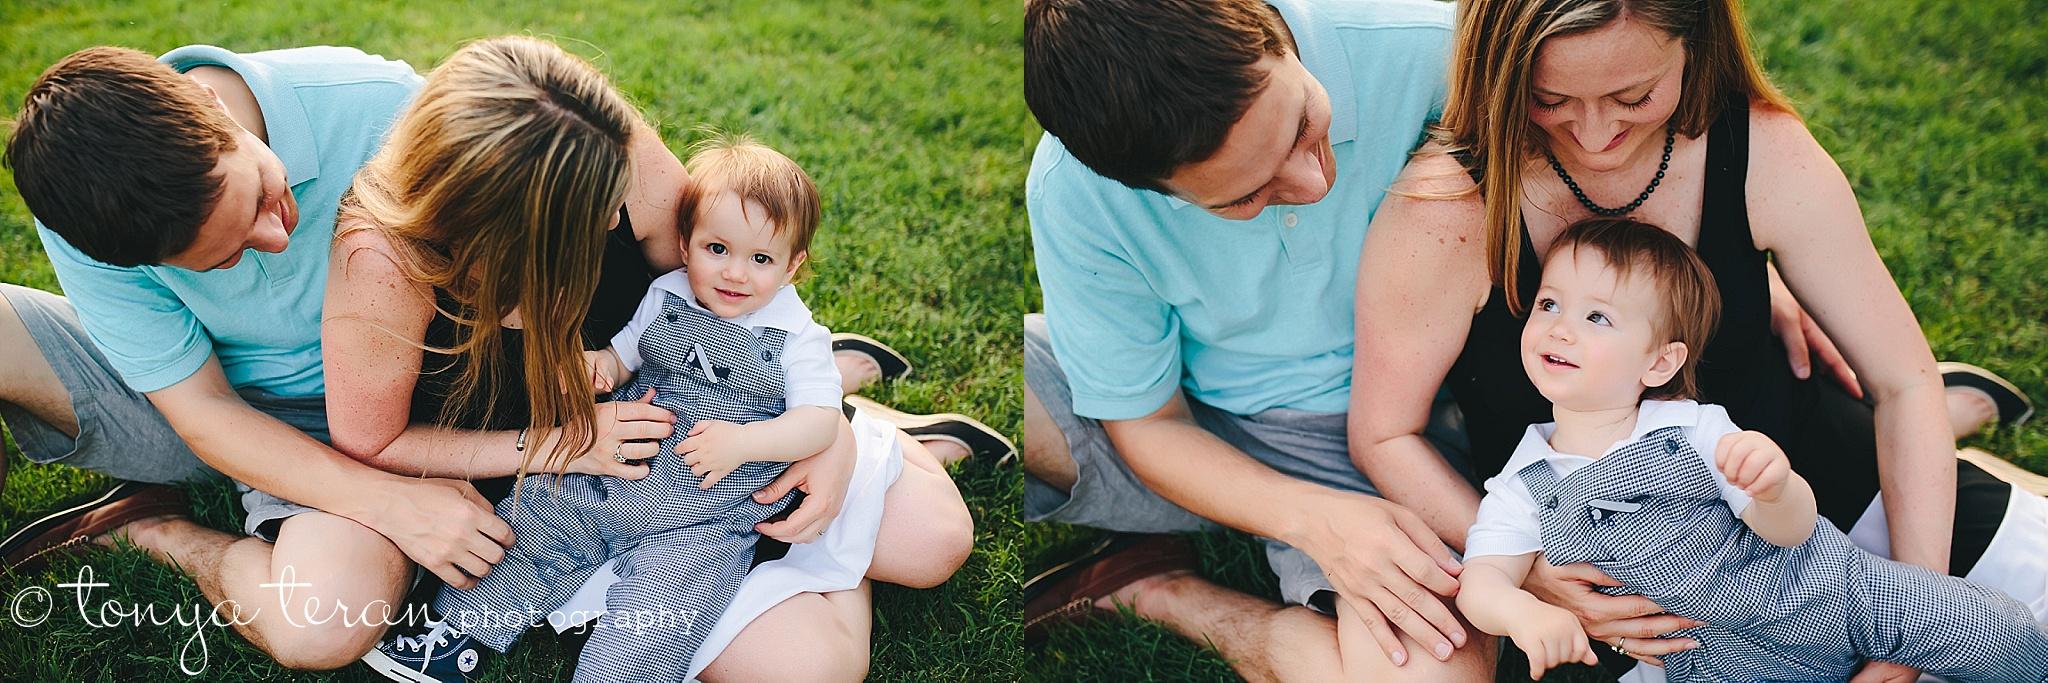 Outdoor Family Photo Session   Tonya Teran Photography, Alexandria, VA Newborn, Baby, and Family Photographer